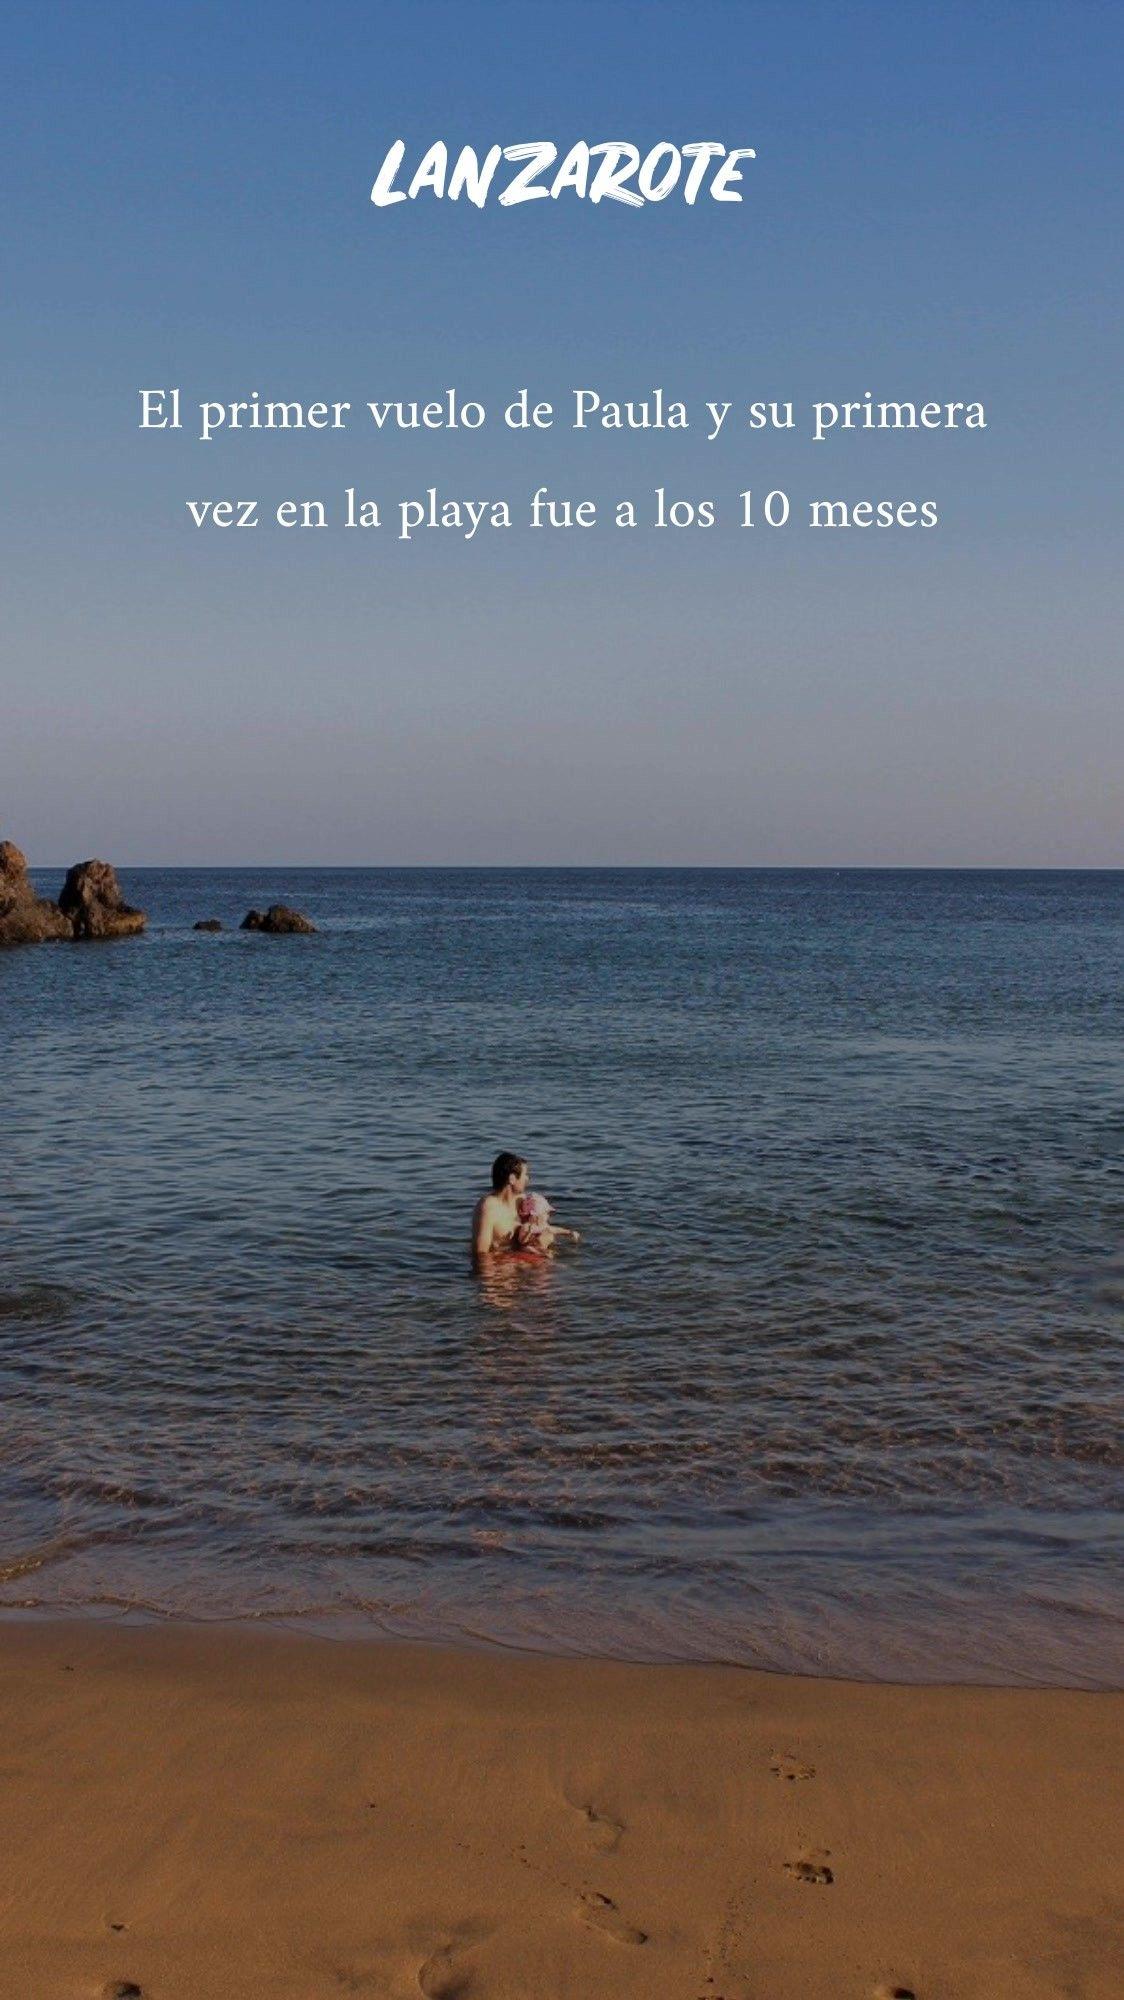 Playa Chica Lanzarote Lanzarote Chica En La Playa Mirador Del Rio